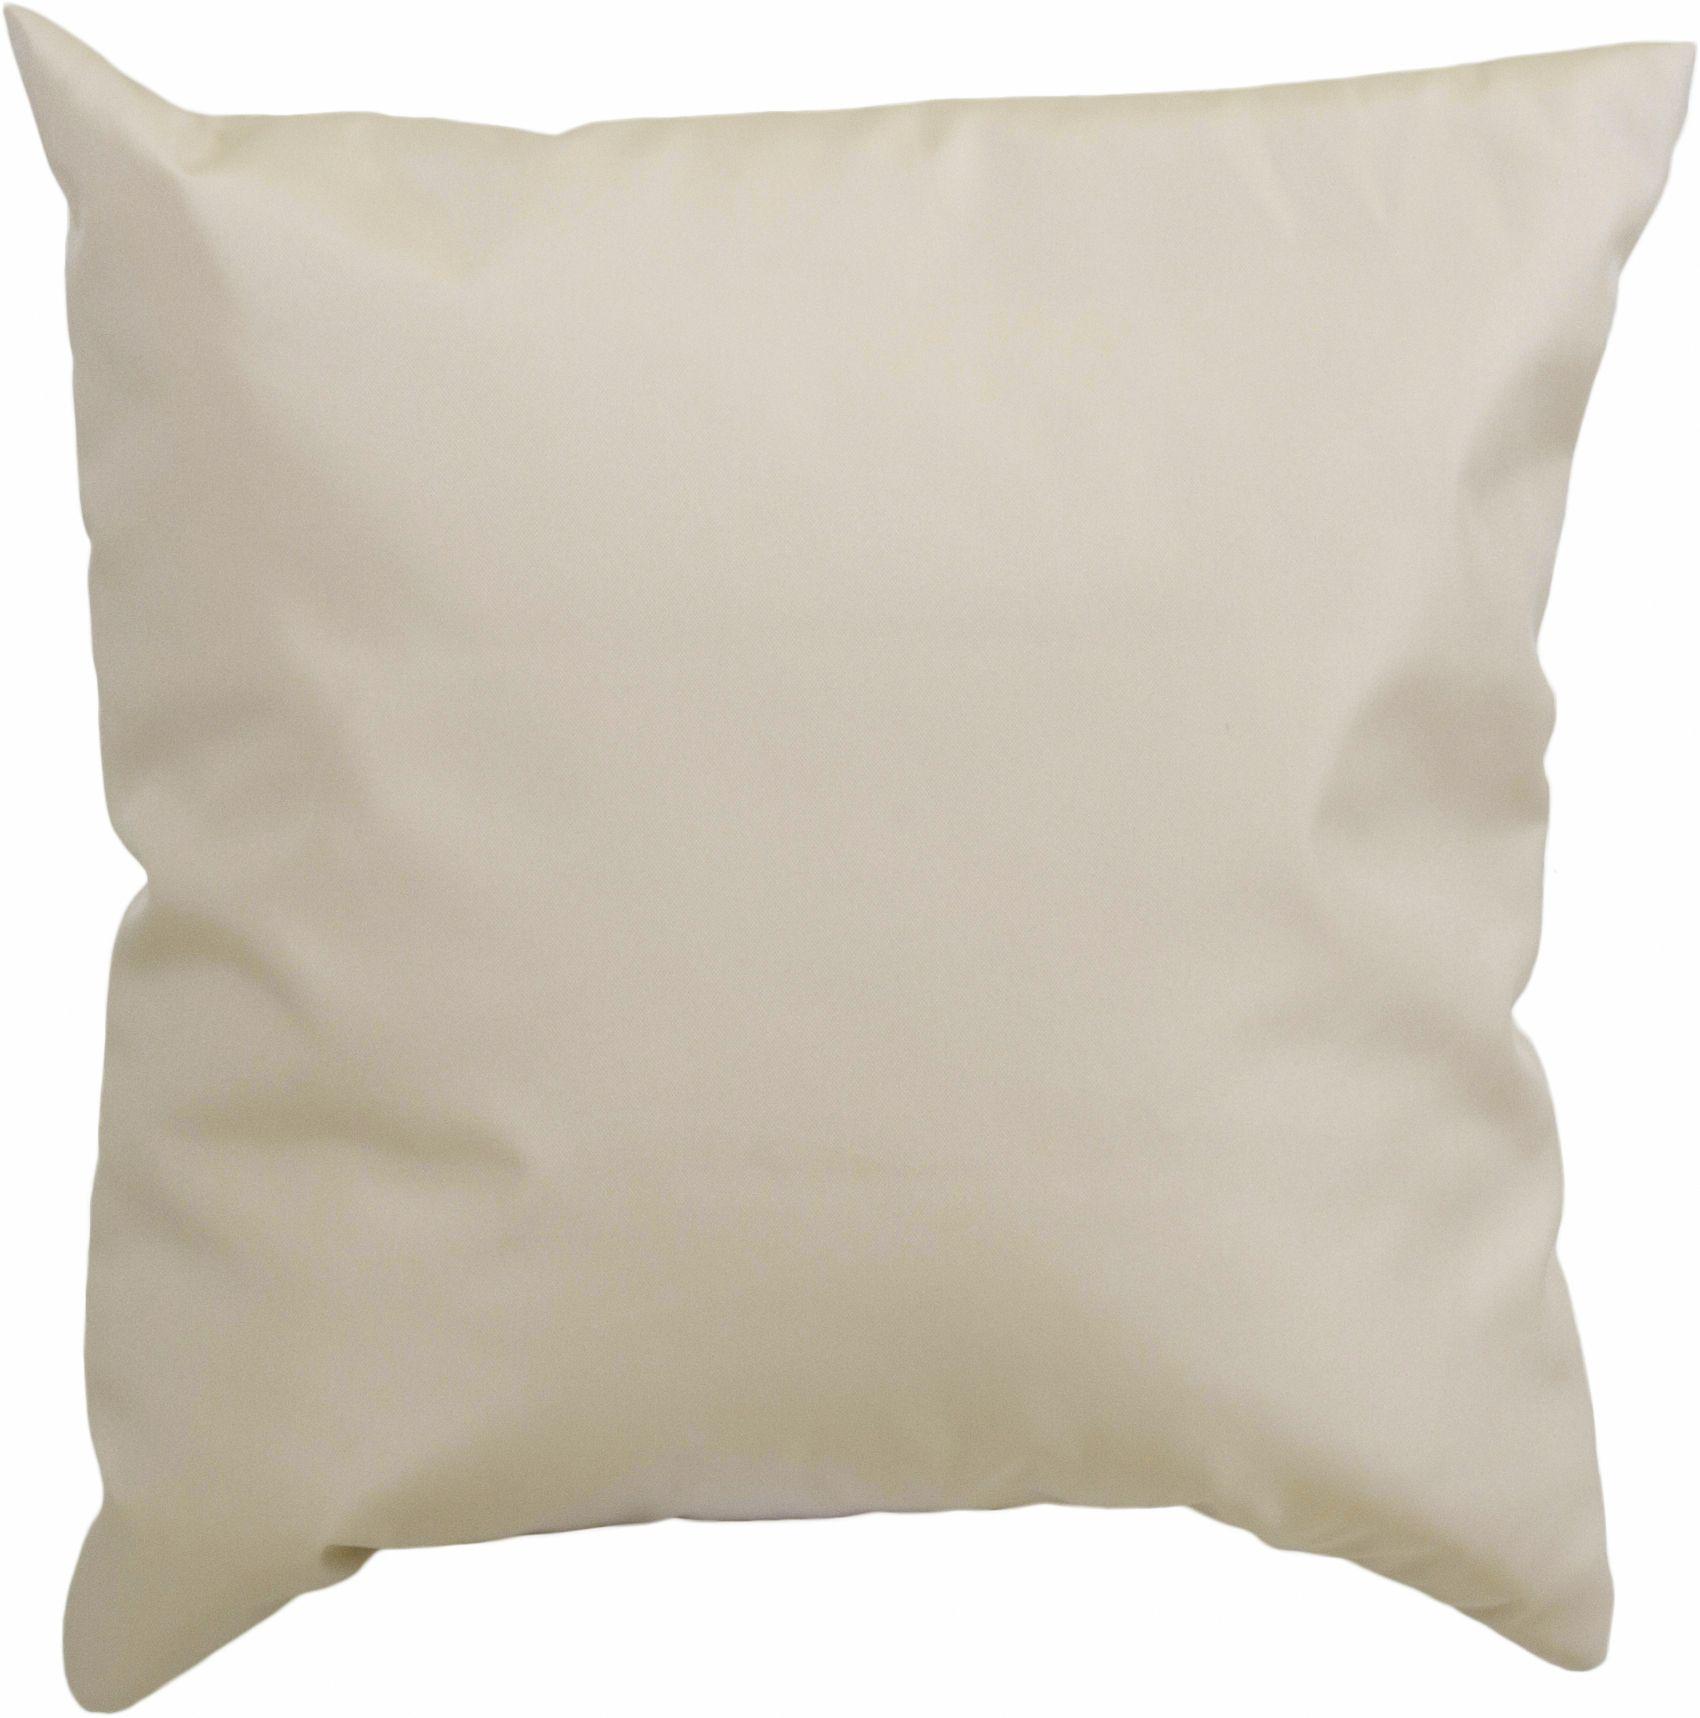 45 x 45 cm Lounge Dekokissen in beige wasserabweisend aus 100% Polyester